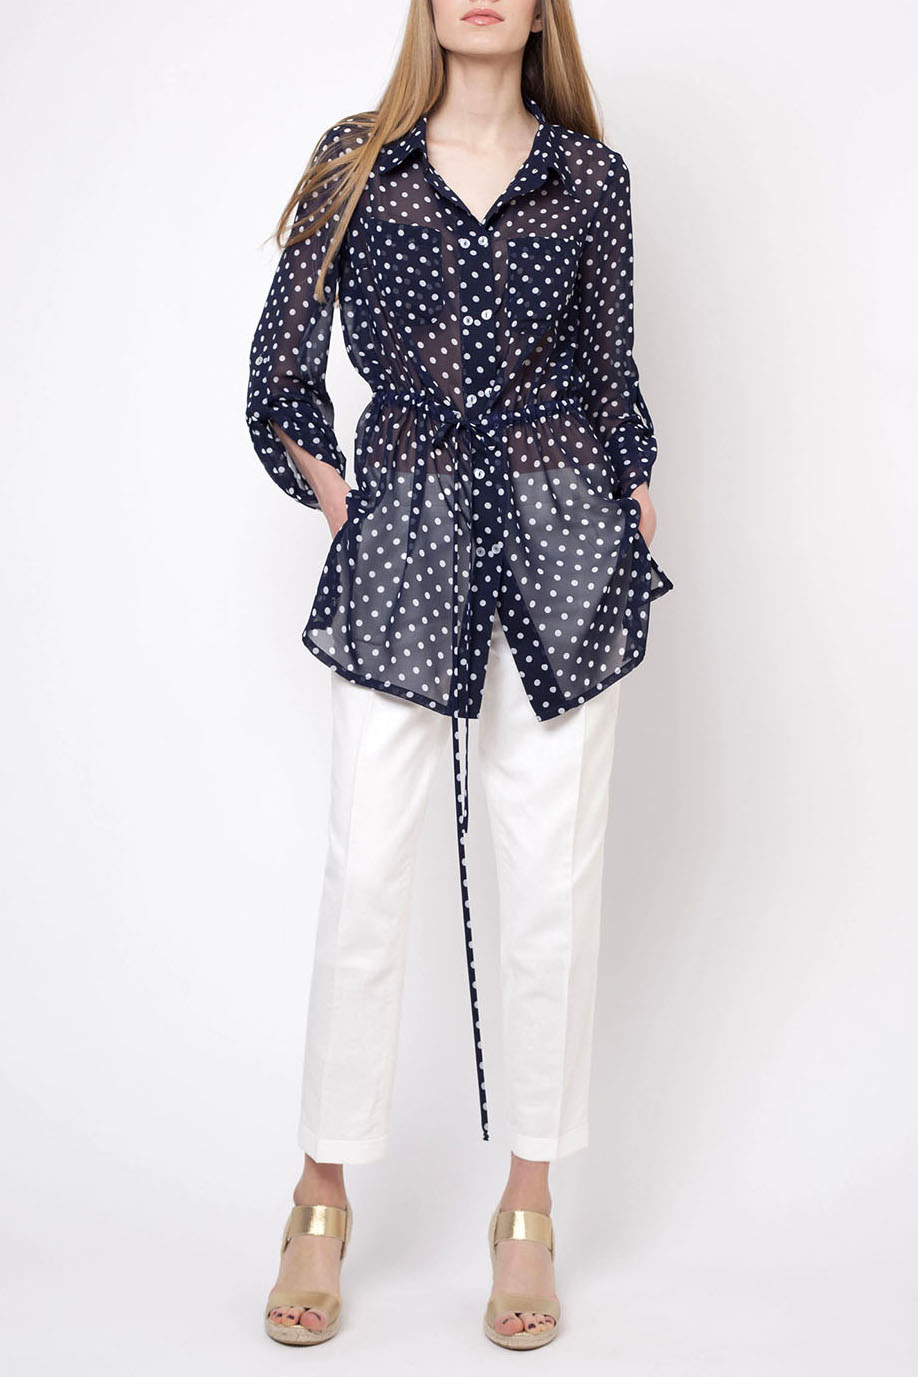 БлузкаБлузки<br>Удлиненная блузка свободного силуэта. Модель выполнена из воздушного шифона в горошек. Отличный выбор для повседневного гардероба.  В изделии использованы цвета: синий, белый  Ростовка изделия 170 см.<br><br>Воротник: Рубашечный<br>Горловина: V- горловина<br>Застежка: С пуговицами<br>По материалу: Вискоза,Шифон<br>По рисунку: В горошек,С принтом,Цветные<br>По сезону: Весна,Зима,Лето,Осень,Всесезон<br>По силуэту: Полуприталенные<br>По стилю: Повседневный стиль<br>По элементам: С патами<br>Рукав: Длинный рукав<br>Размер : 44,46,48,50<br>Материал: Шифон<br>Количество в наличии: 4